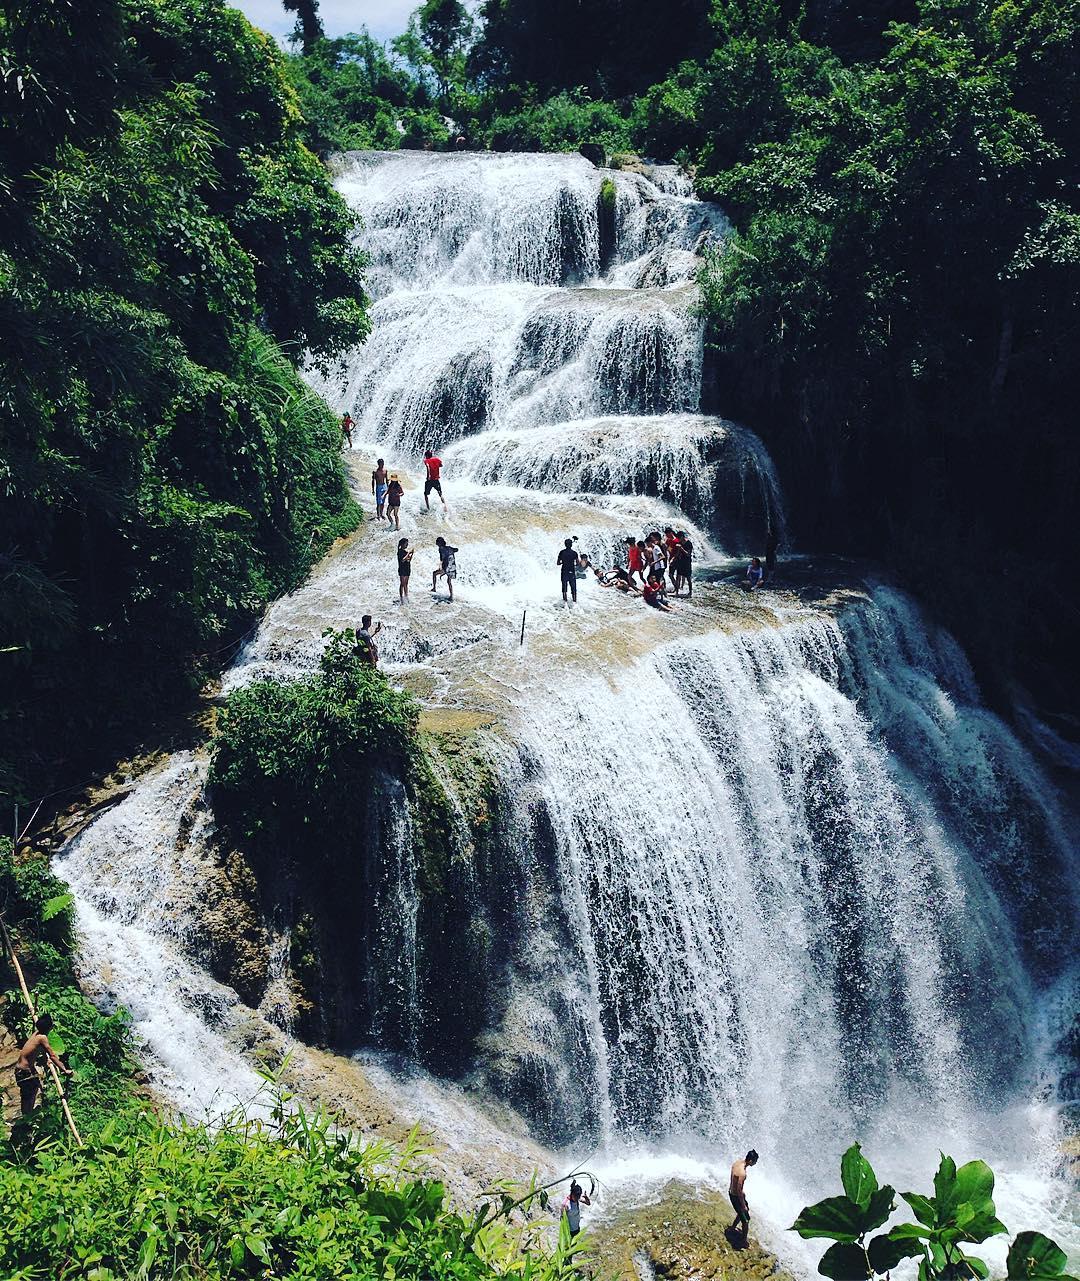 vietnam waterfalls - mu waterfall 2